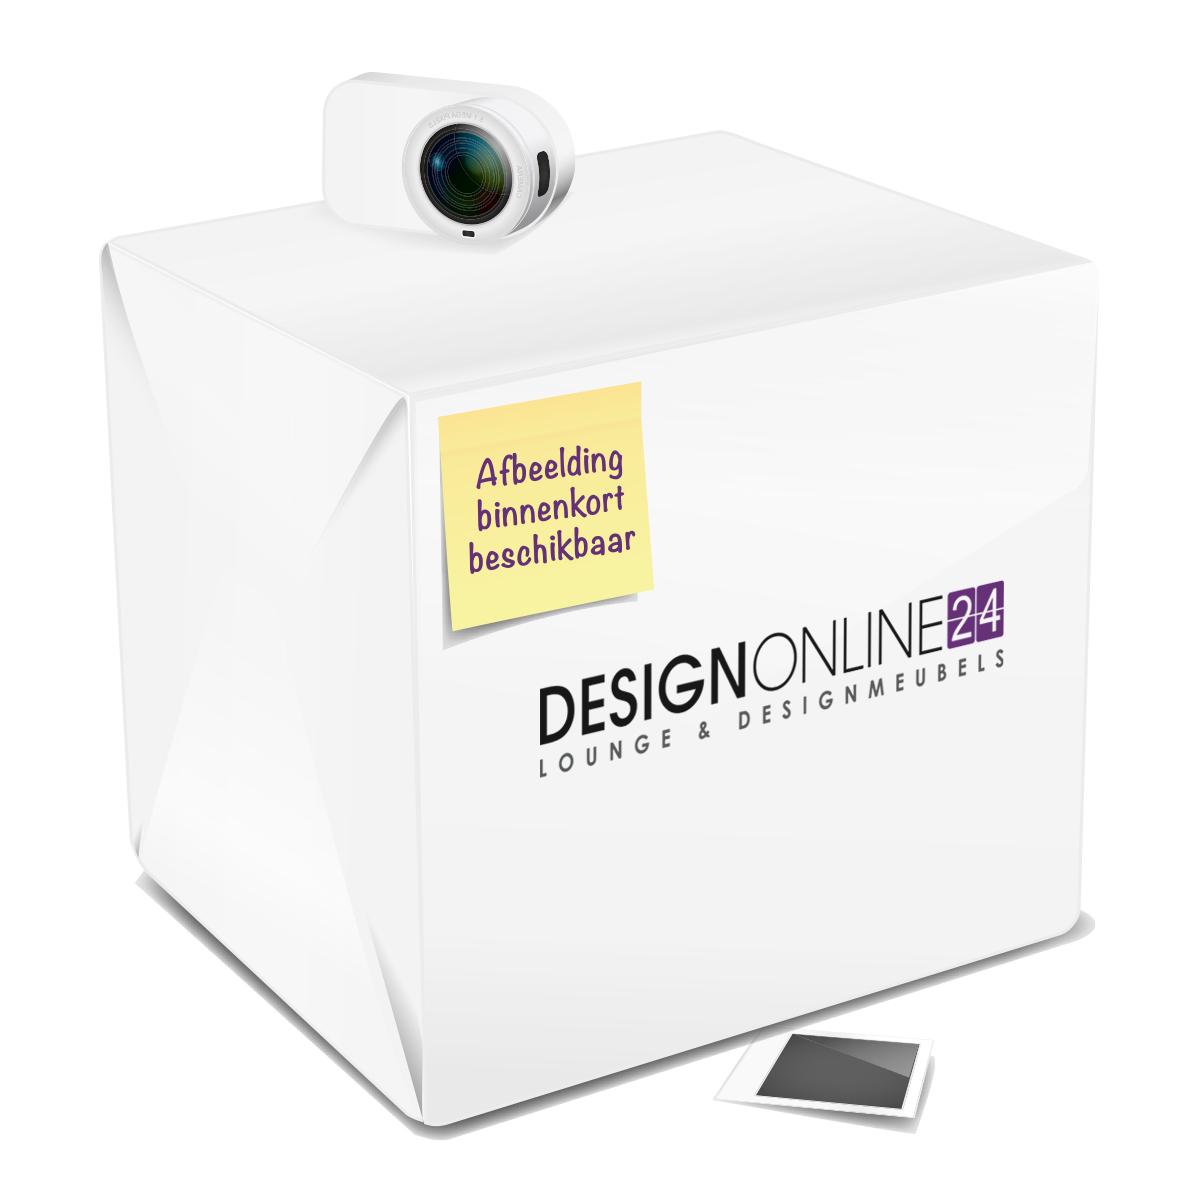 24Designs 24Designs Ligbed 1 persoons 200 x 90 cm - Sandy - Verstelbaar en Verrijdbaar - Wit Polyrattan Wicker met Bruin Ligkussen